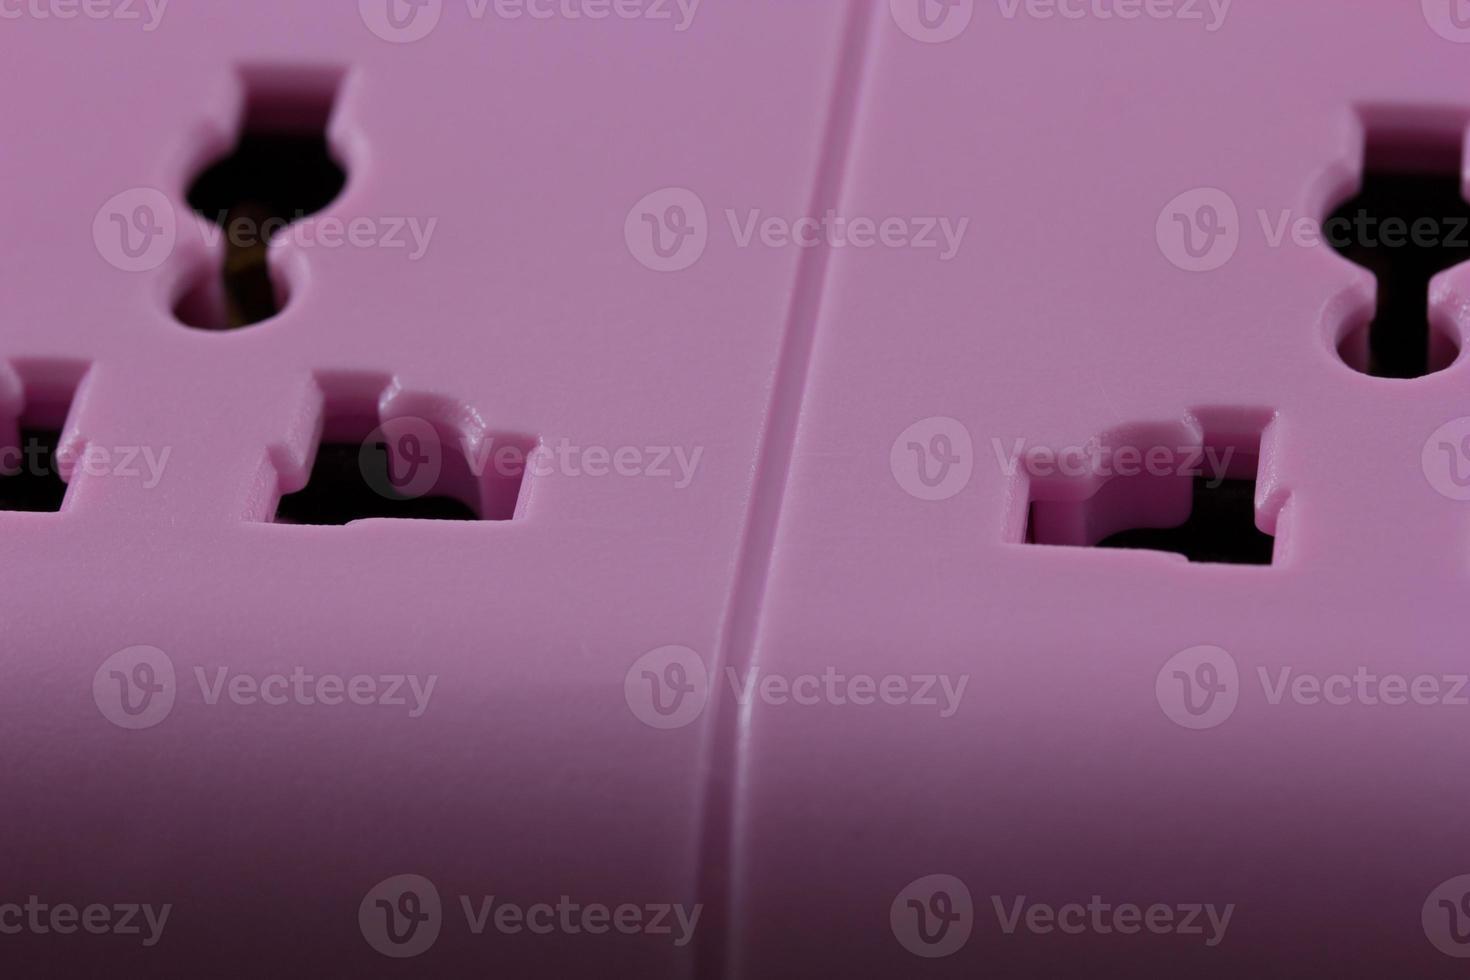 immagine da vicino di una presa rosa isolata su fondo nero foto